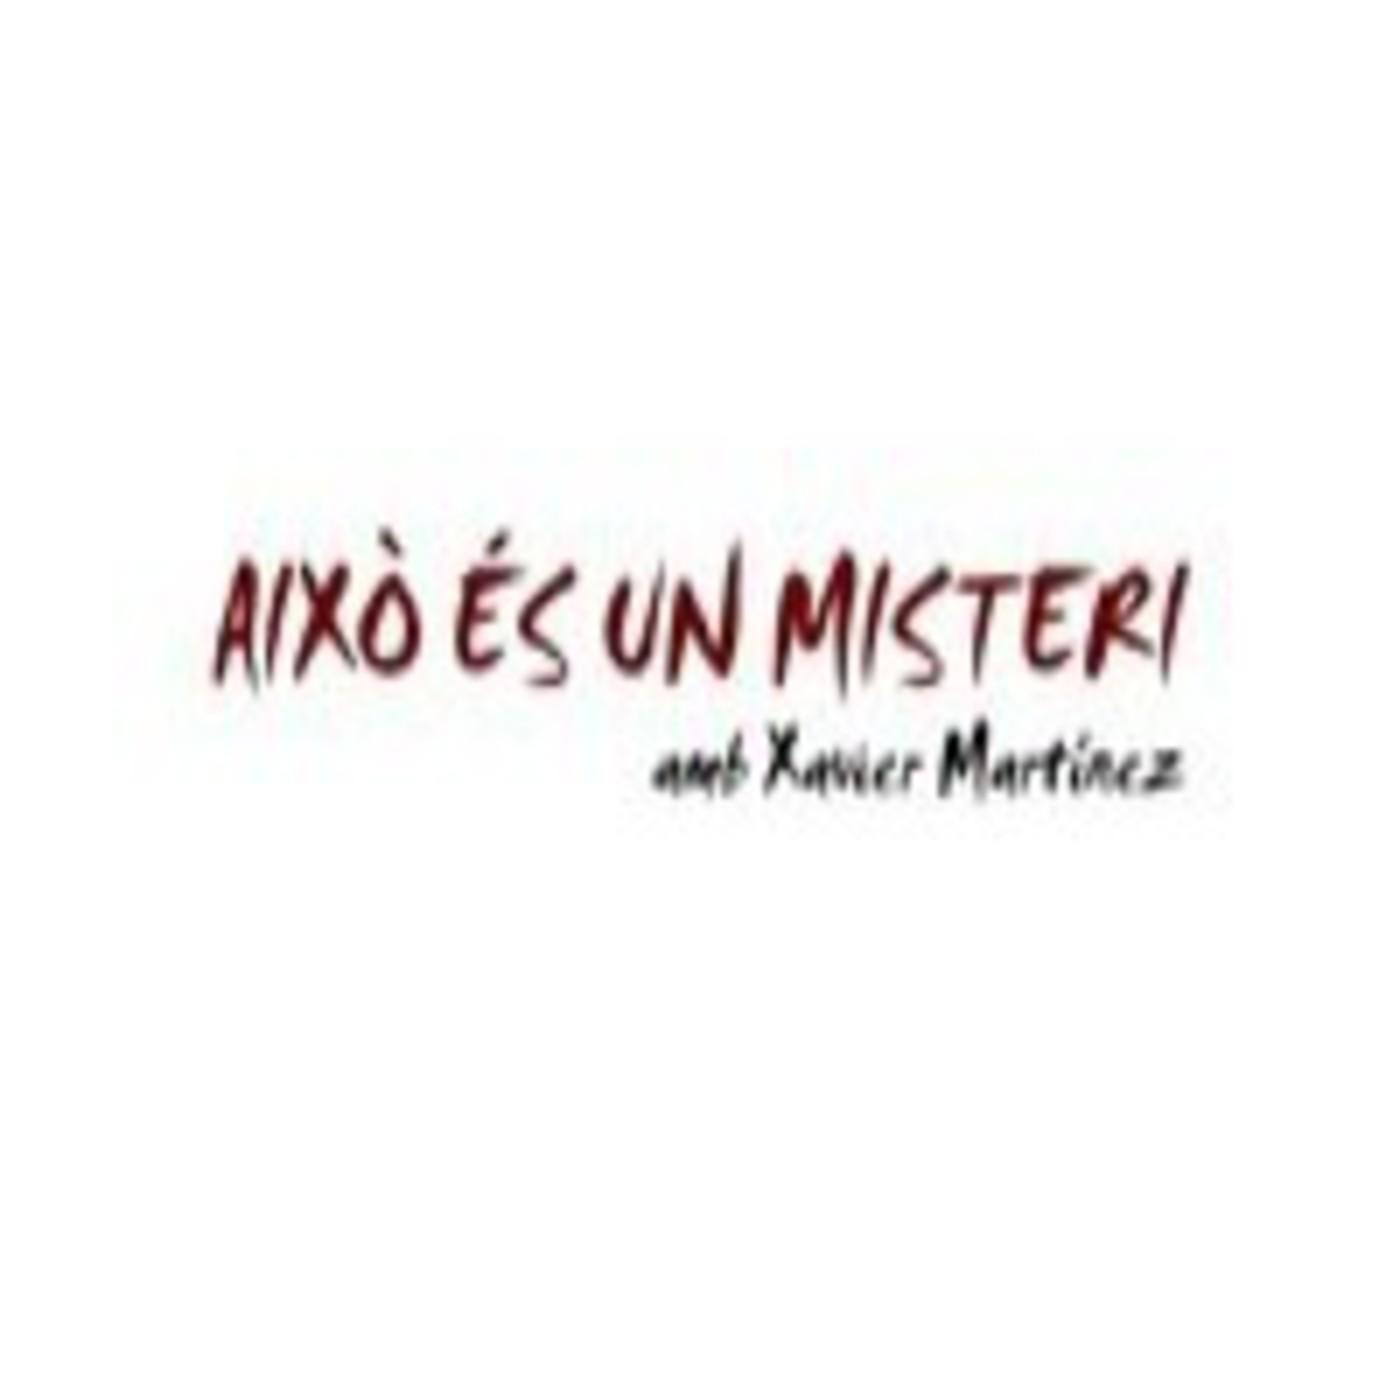 Això és un misteri - EXPO Sevilla 92: l'abans (03/12/2013)